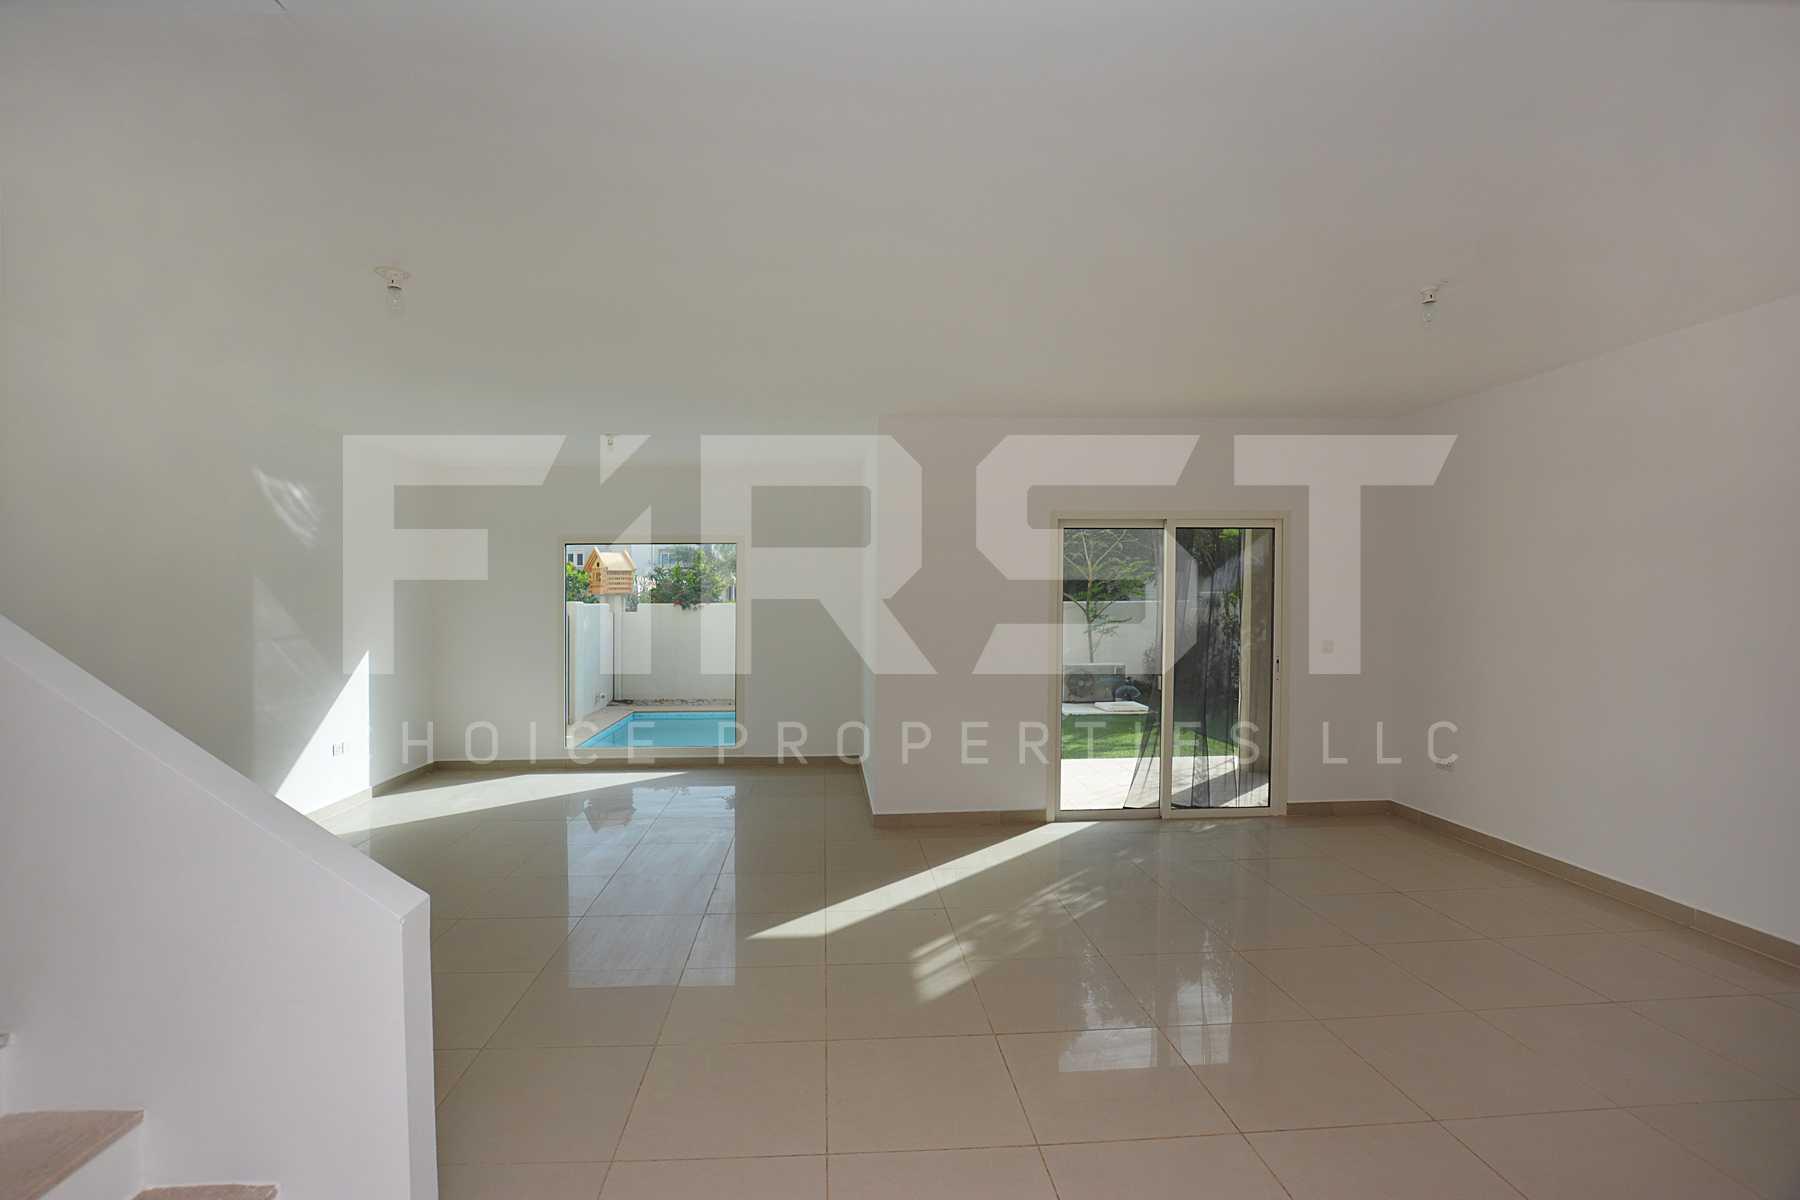 Internal Photo of 5 Bedroom Villa in Al Reef Villas 348.3 sq.m 3749 sq.ft (72).jpg